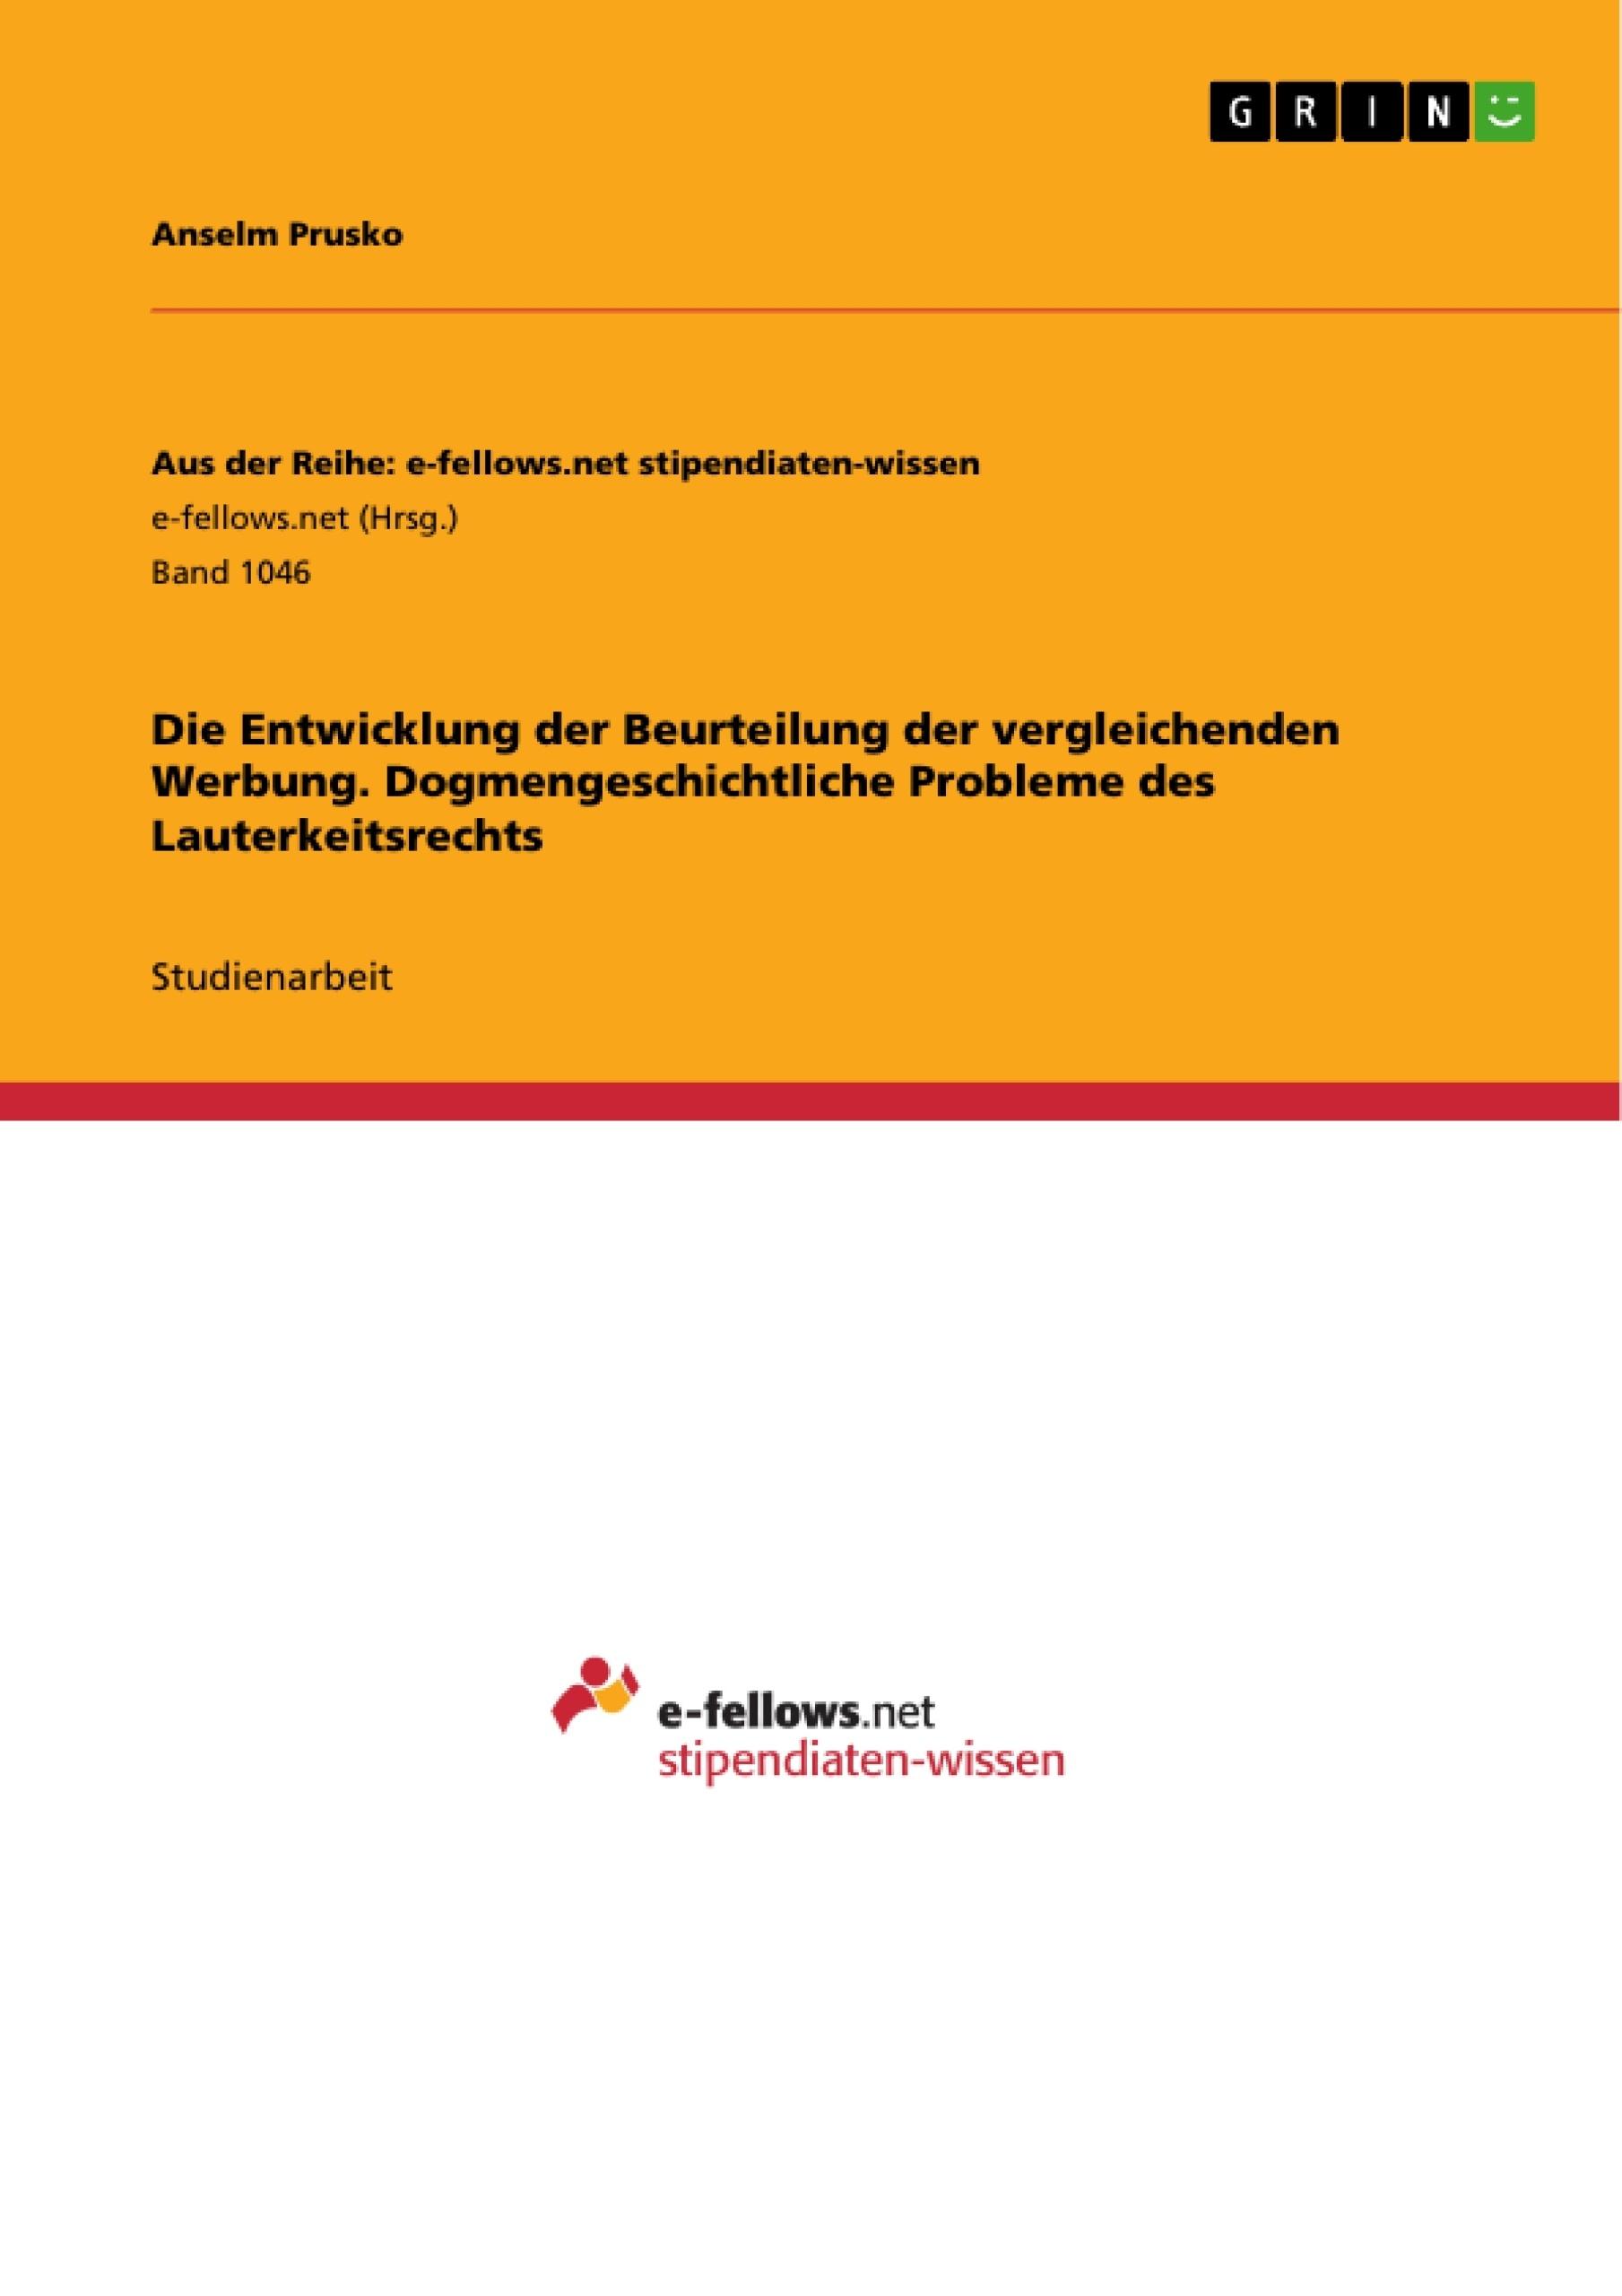 Titel: Die Entwicklung der Beurteilung der vergleichenden Werbung. Dogmengeschichtliche Probleme des Lauterkeitsrechts